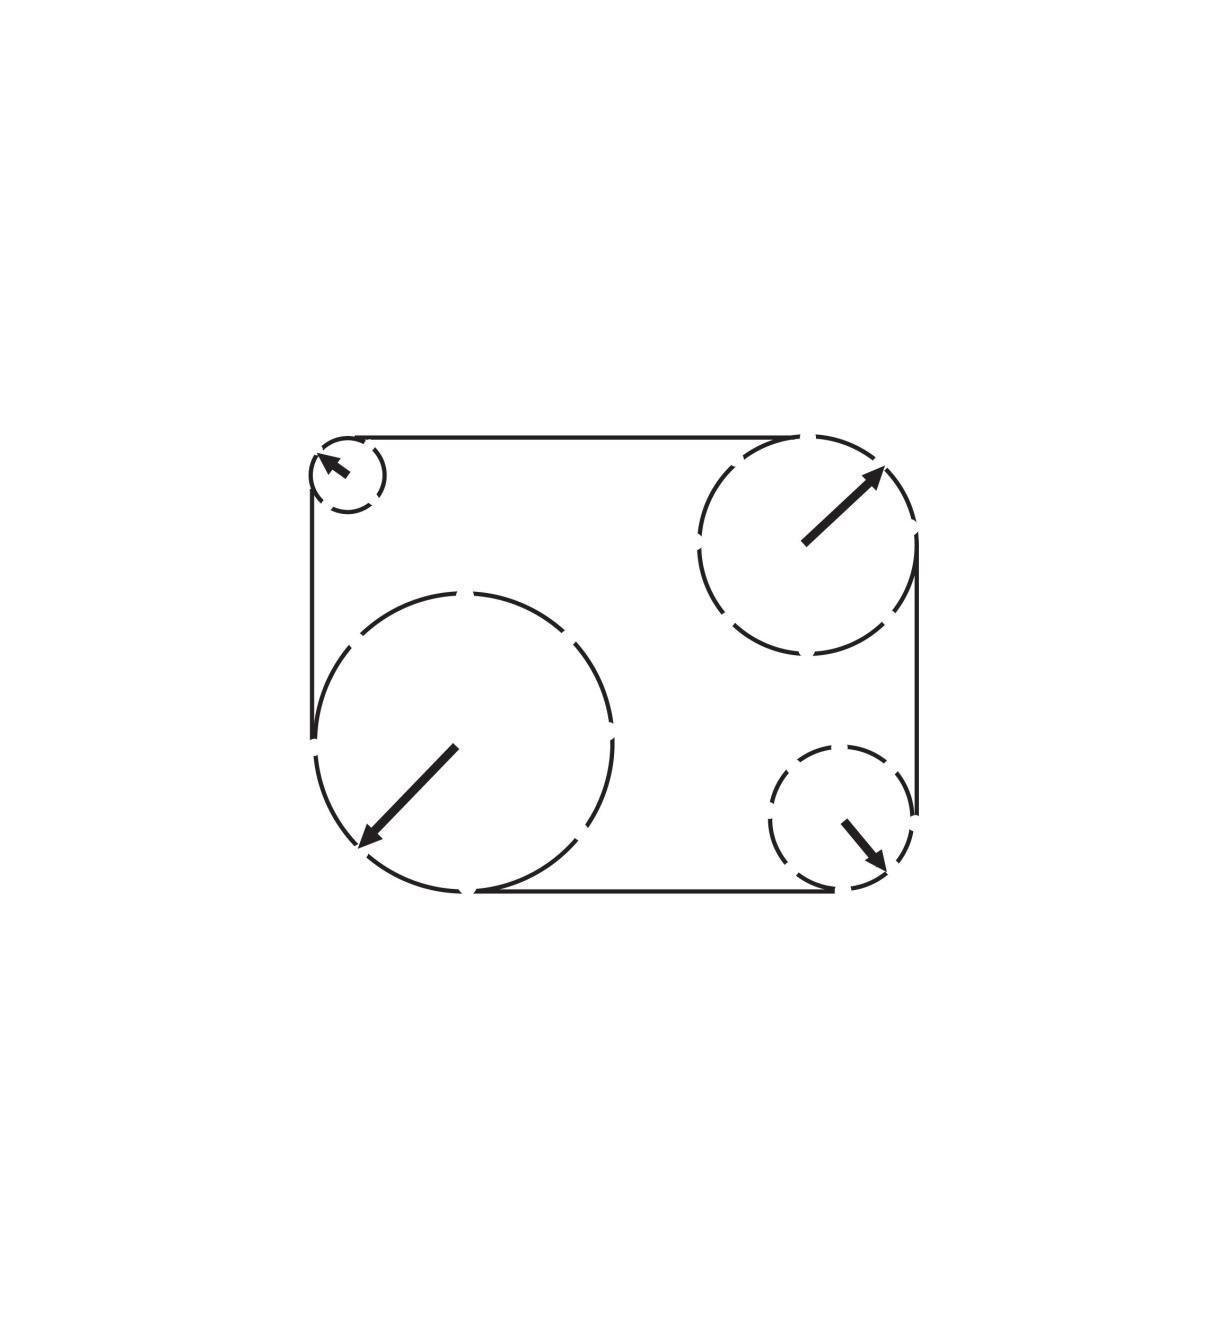 05K5030 - Ensemble d'outils pour arrondirVeritas